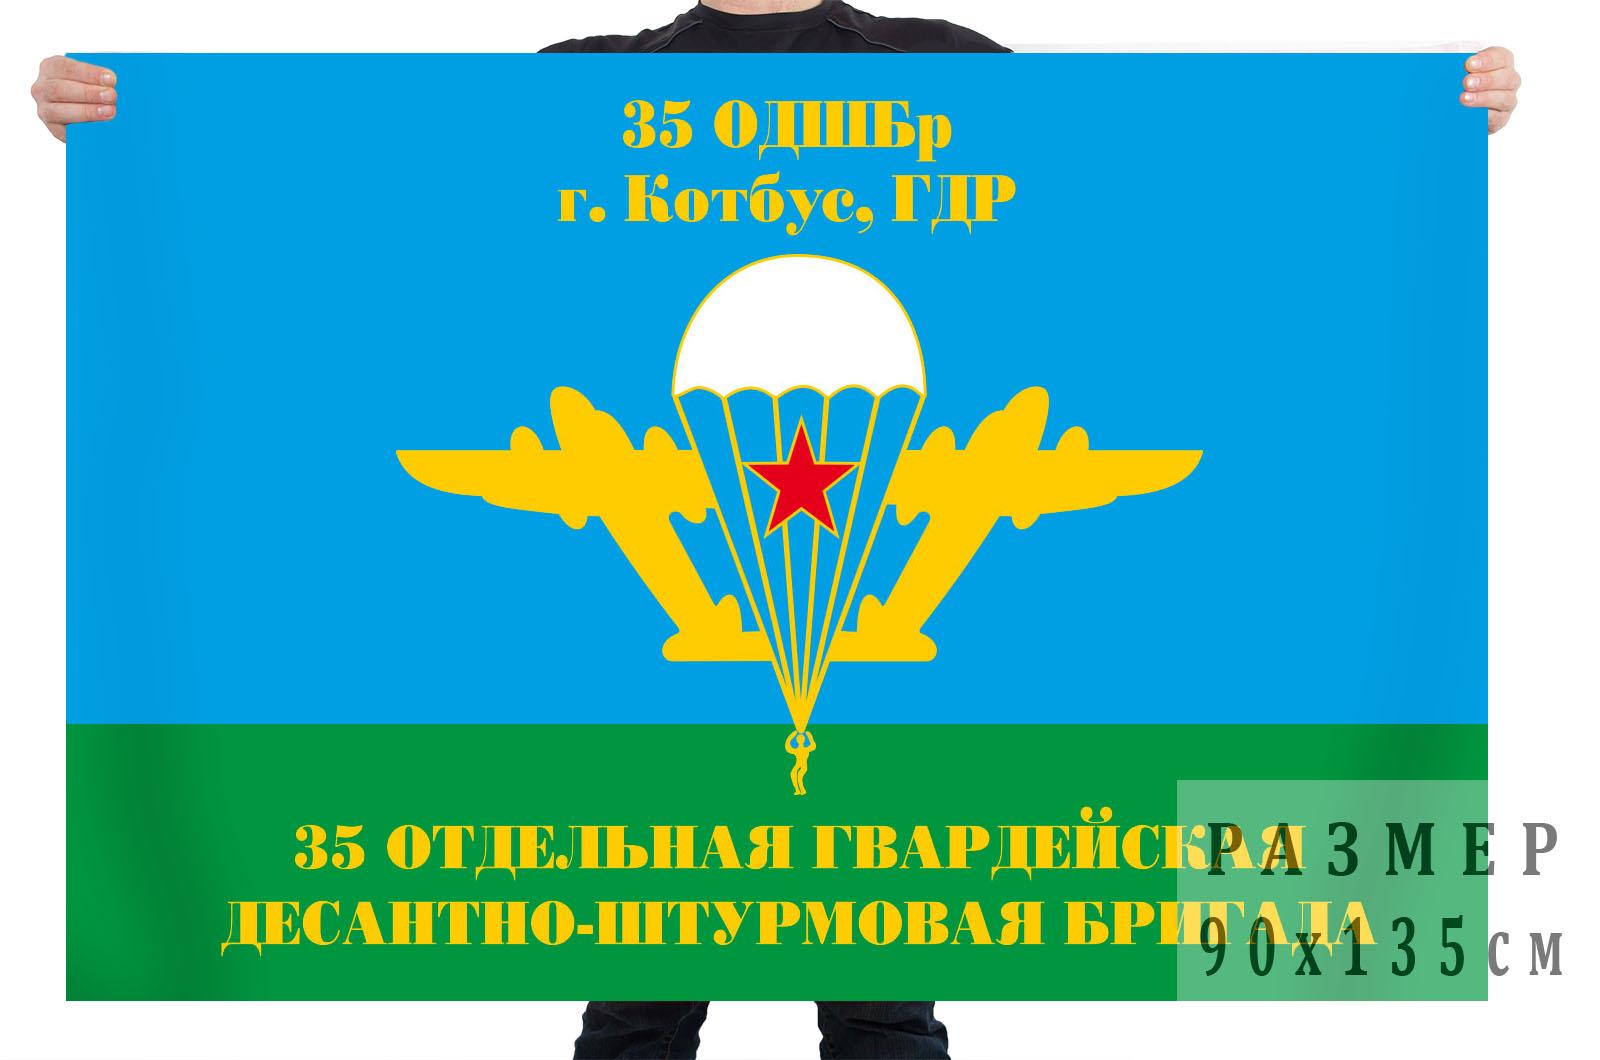 Заказать флаг 35 ОДШБр г. Котбус ГДР